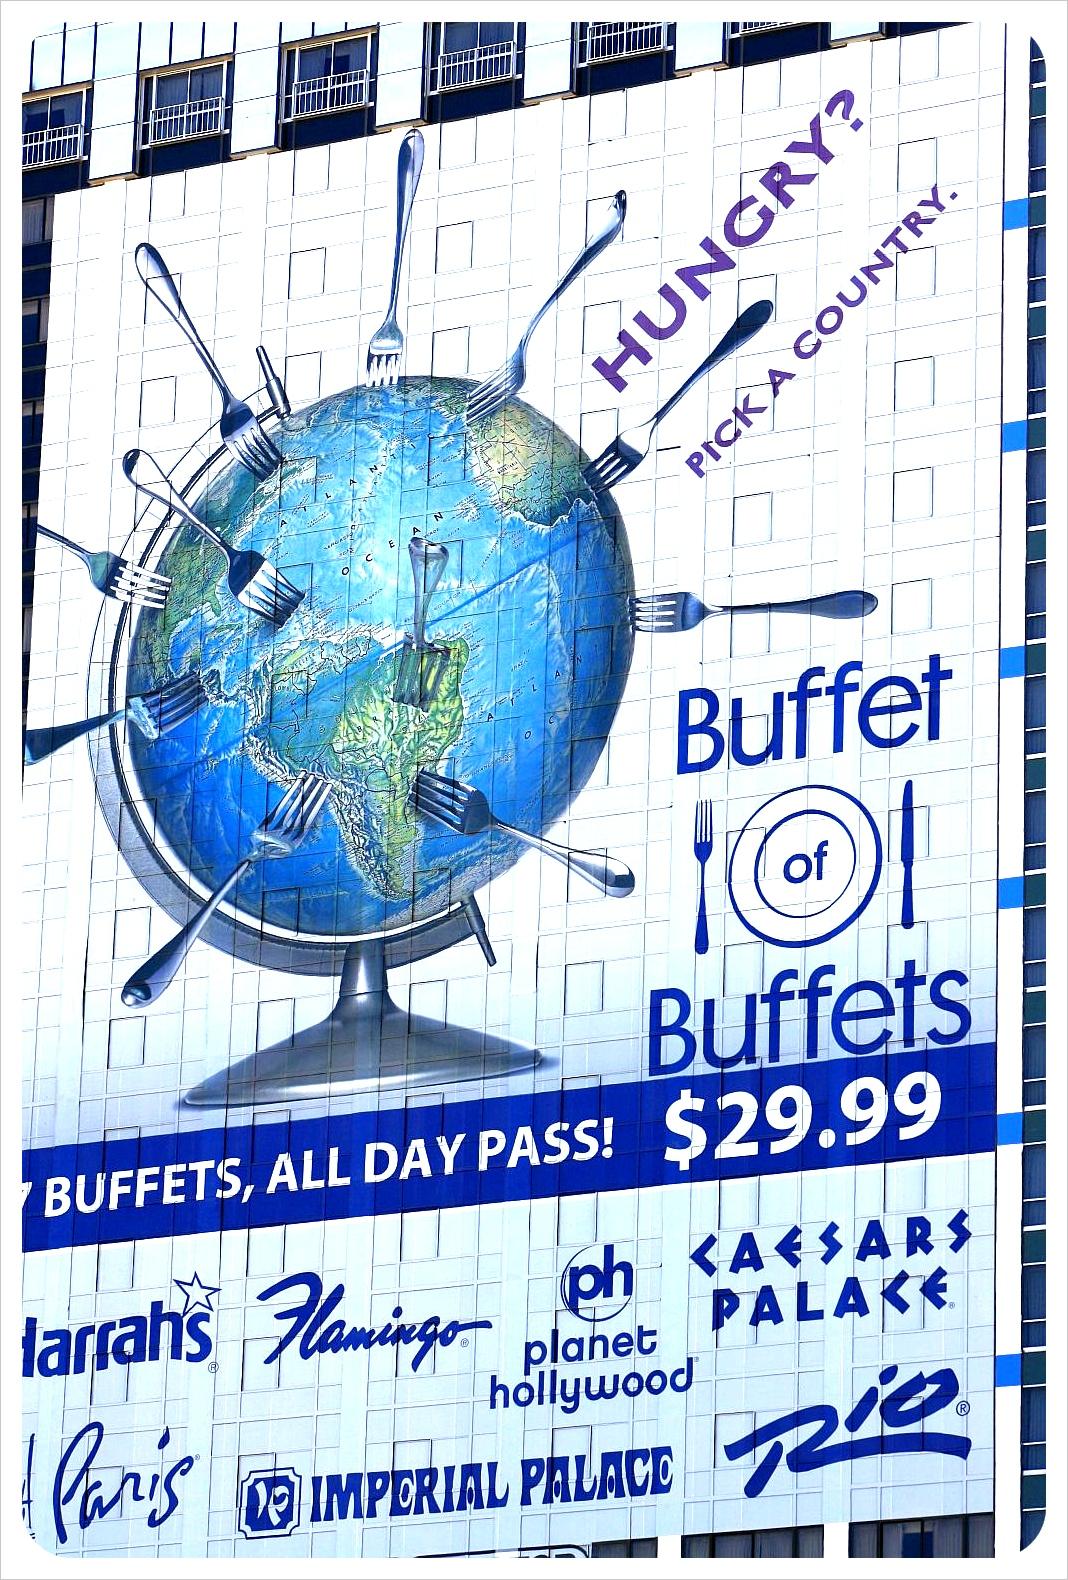 24 hour buffet pass las vegas discount free shipping bass pro shop rh filezdopeet tk 24 hour buffet pass las vegas rio 24 hour buffet pass las vegas price